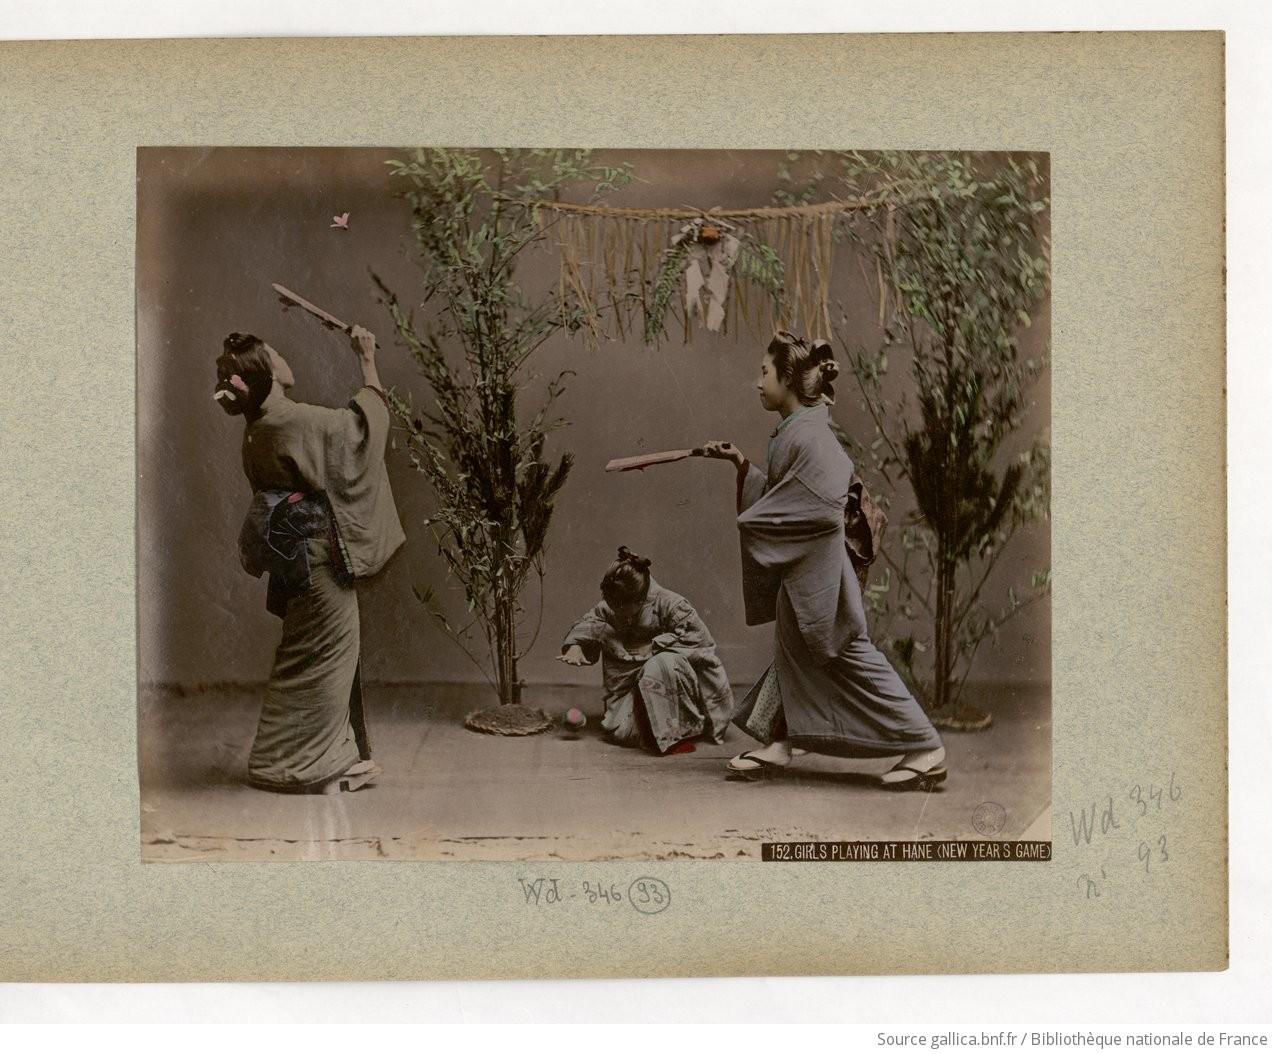 Fig. 93. 152. Girls playing at hane (new year s game) / Kinbei Kusakabe;